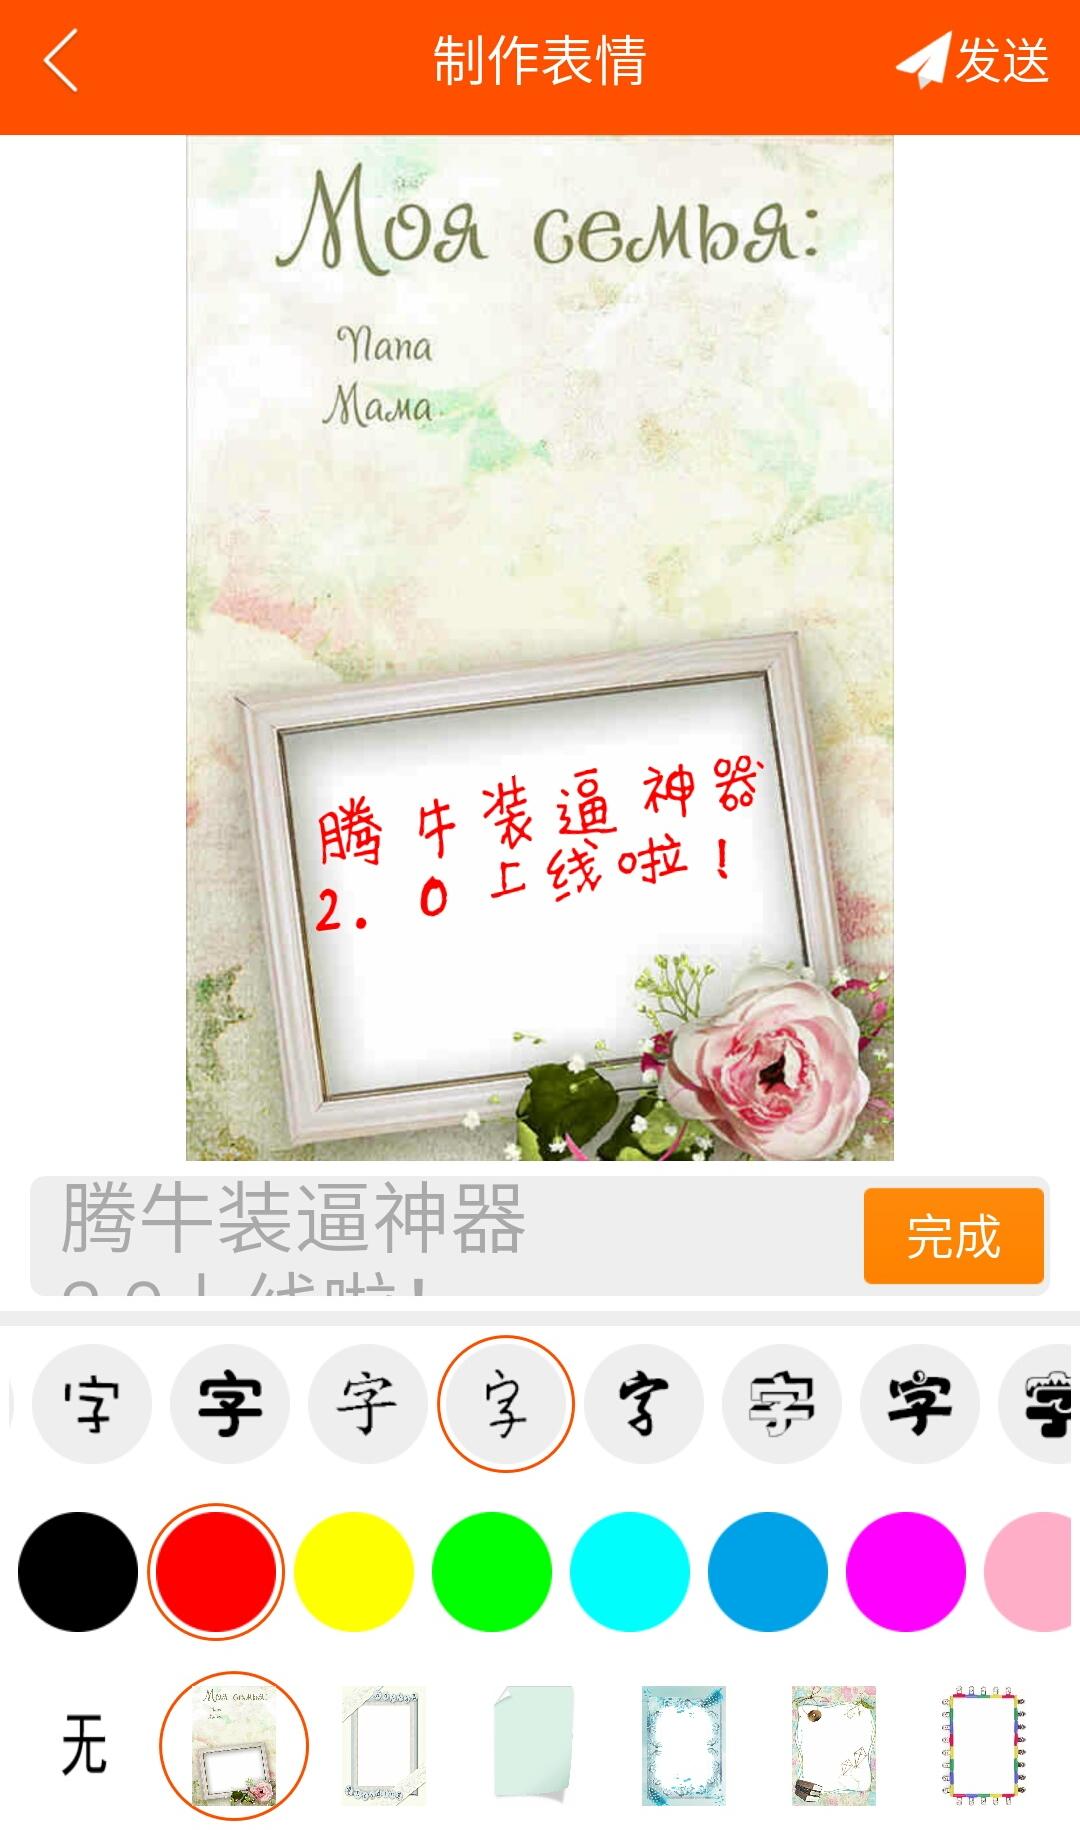 iPhone7/7plus 装逼小尾巴 v2.3 安卓版界面图4